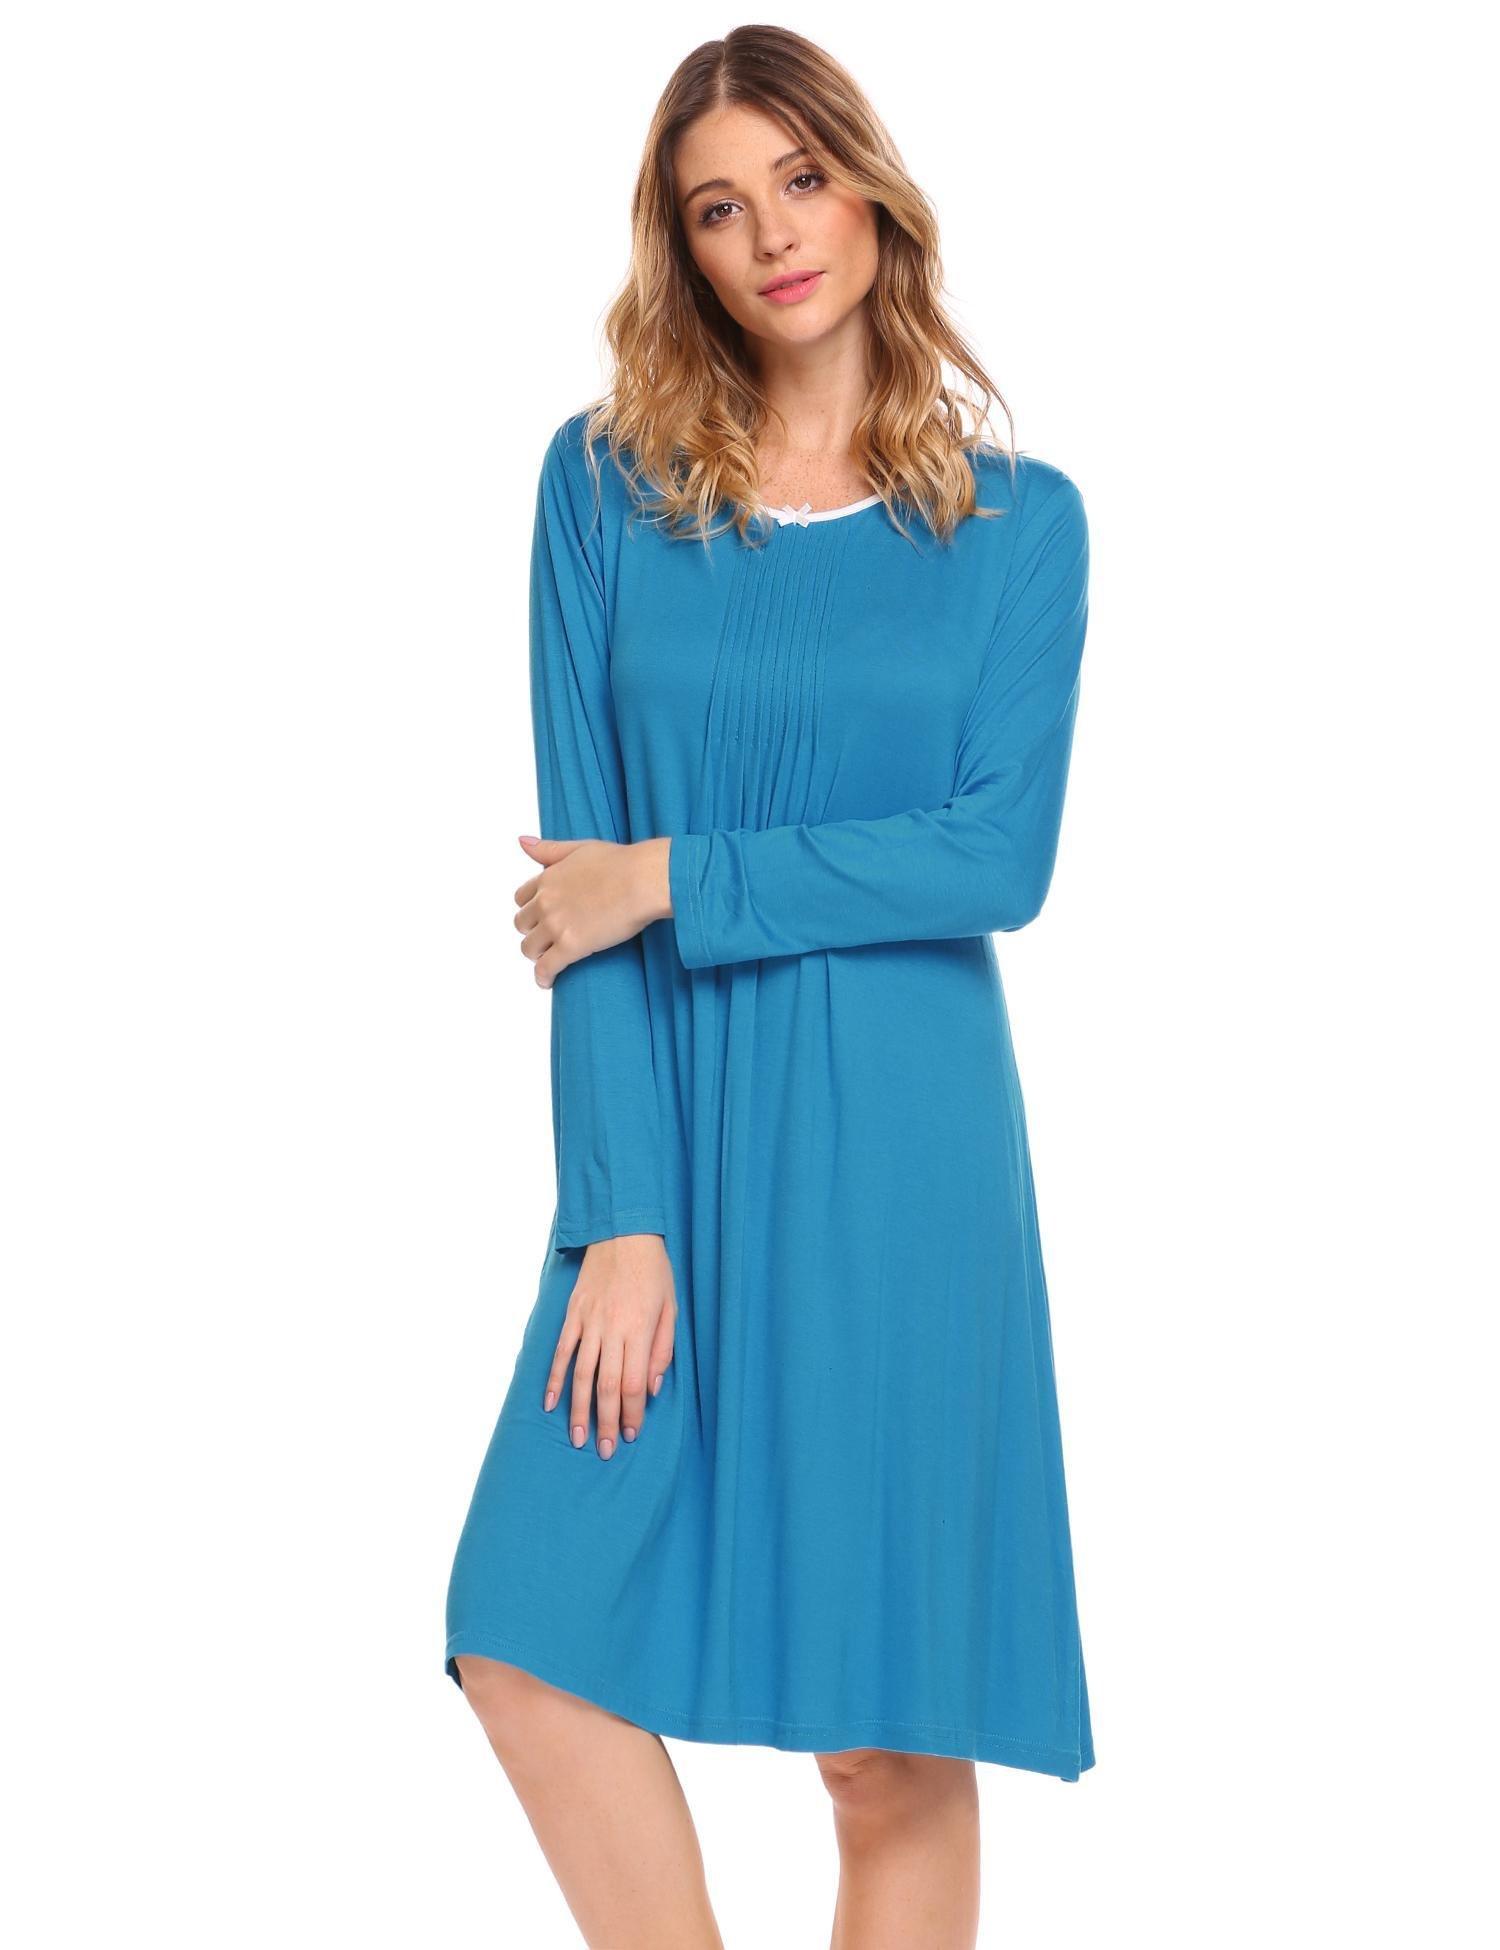 MAXMODA Women's comfort sleepwear night dresses sleepwear Blue L